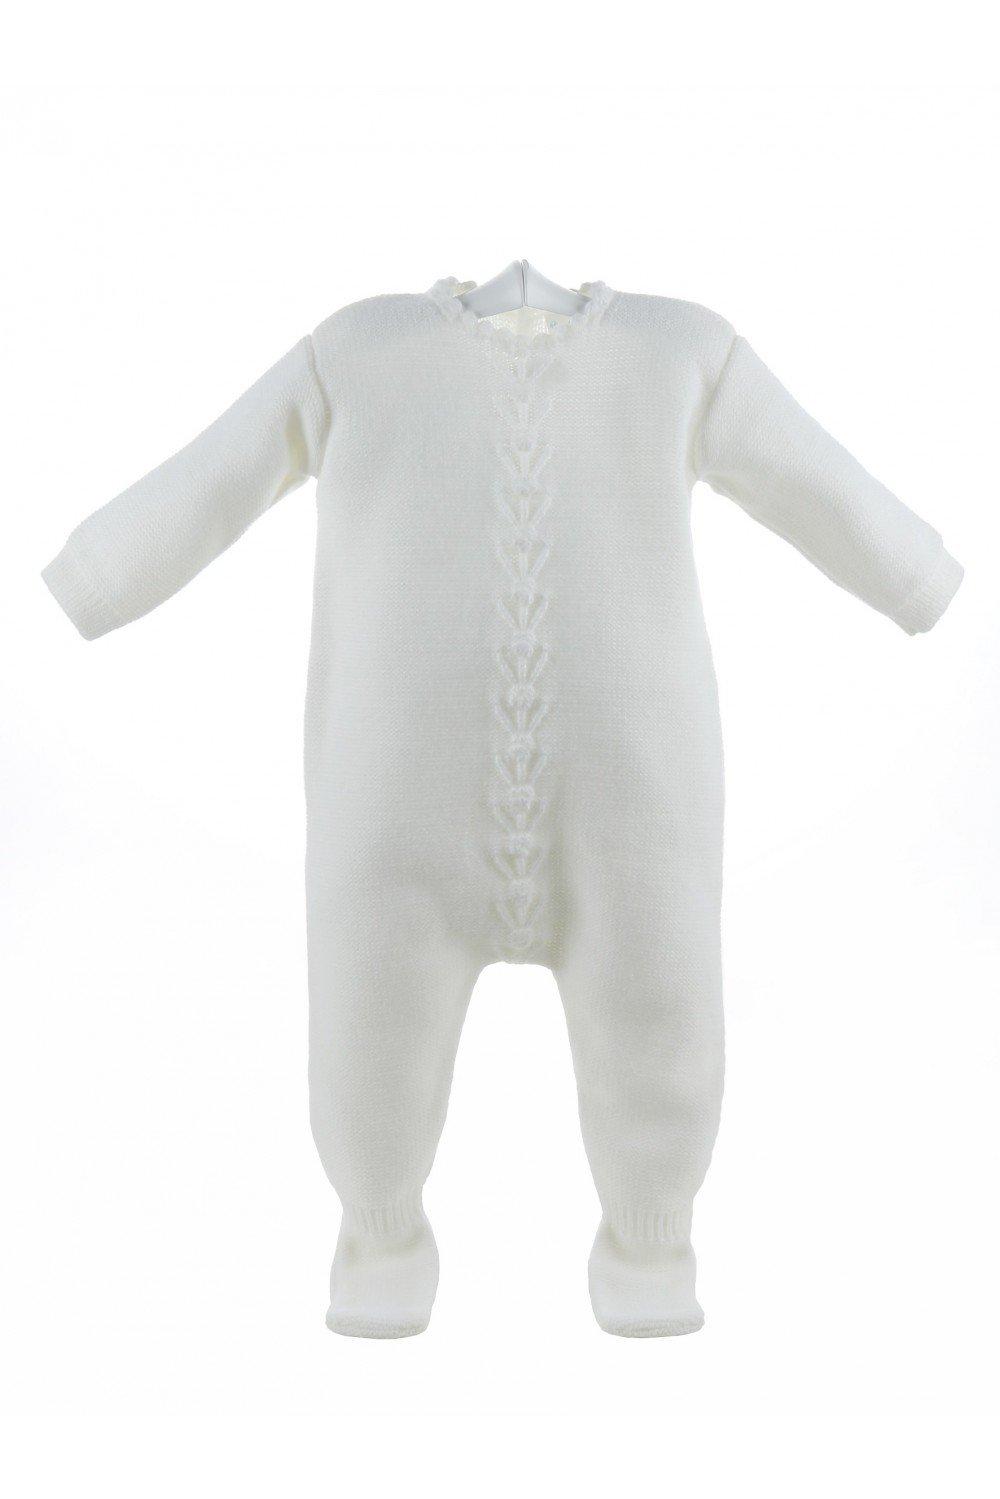 Isabel Maria - Pelele de lana para bebés marfil con punto de garbanzo - 3 meses, Marfil: Amazon.es: Bebé